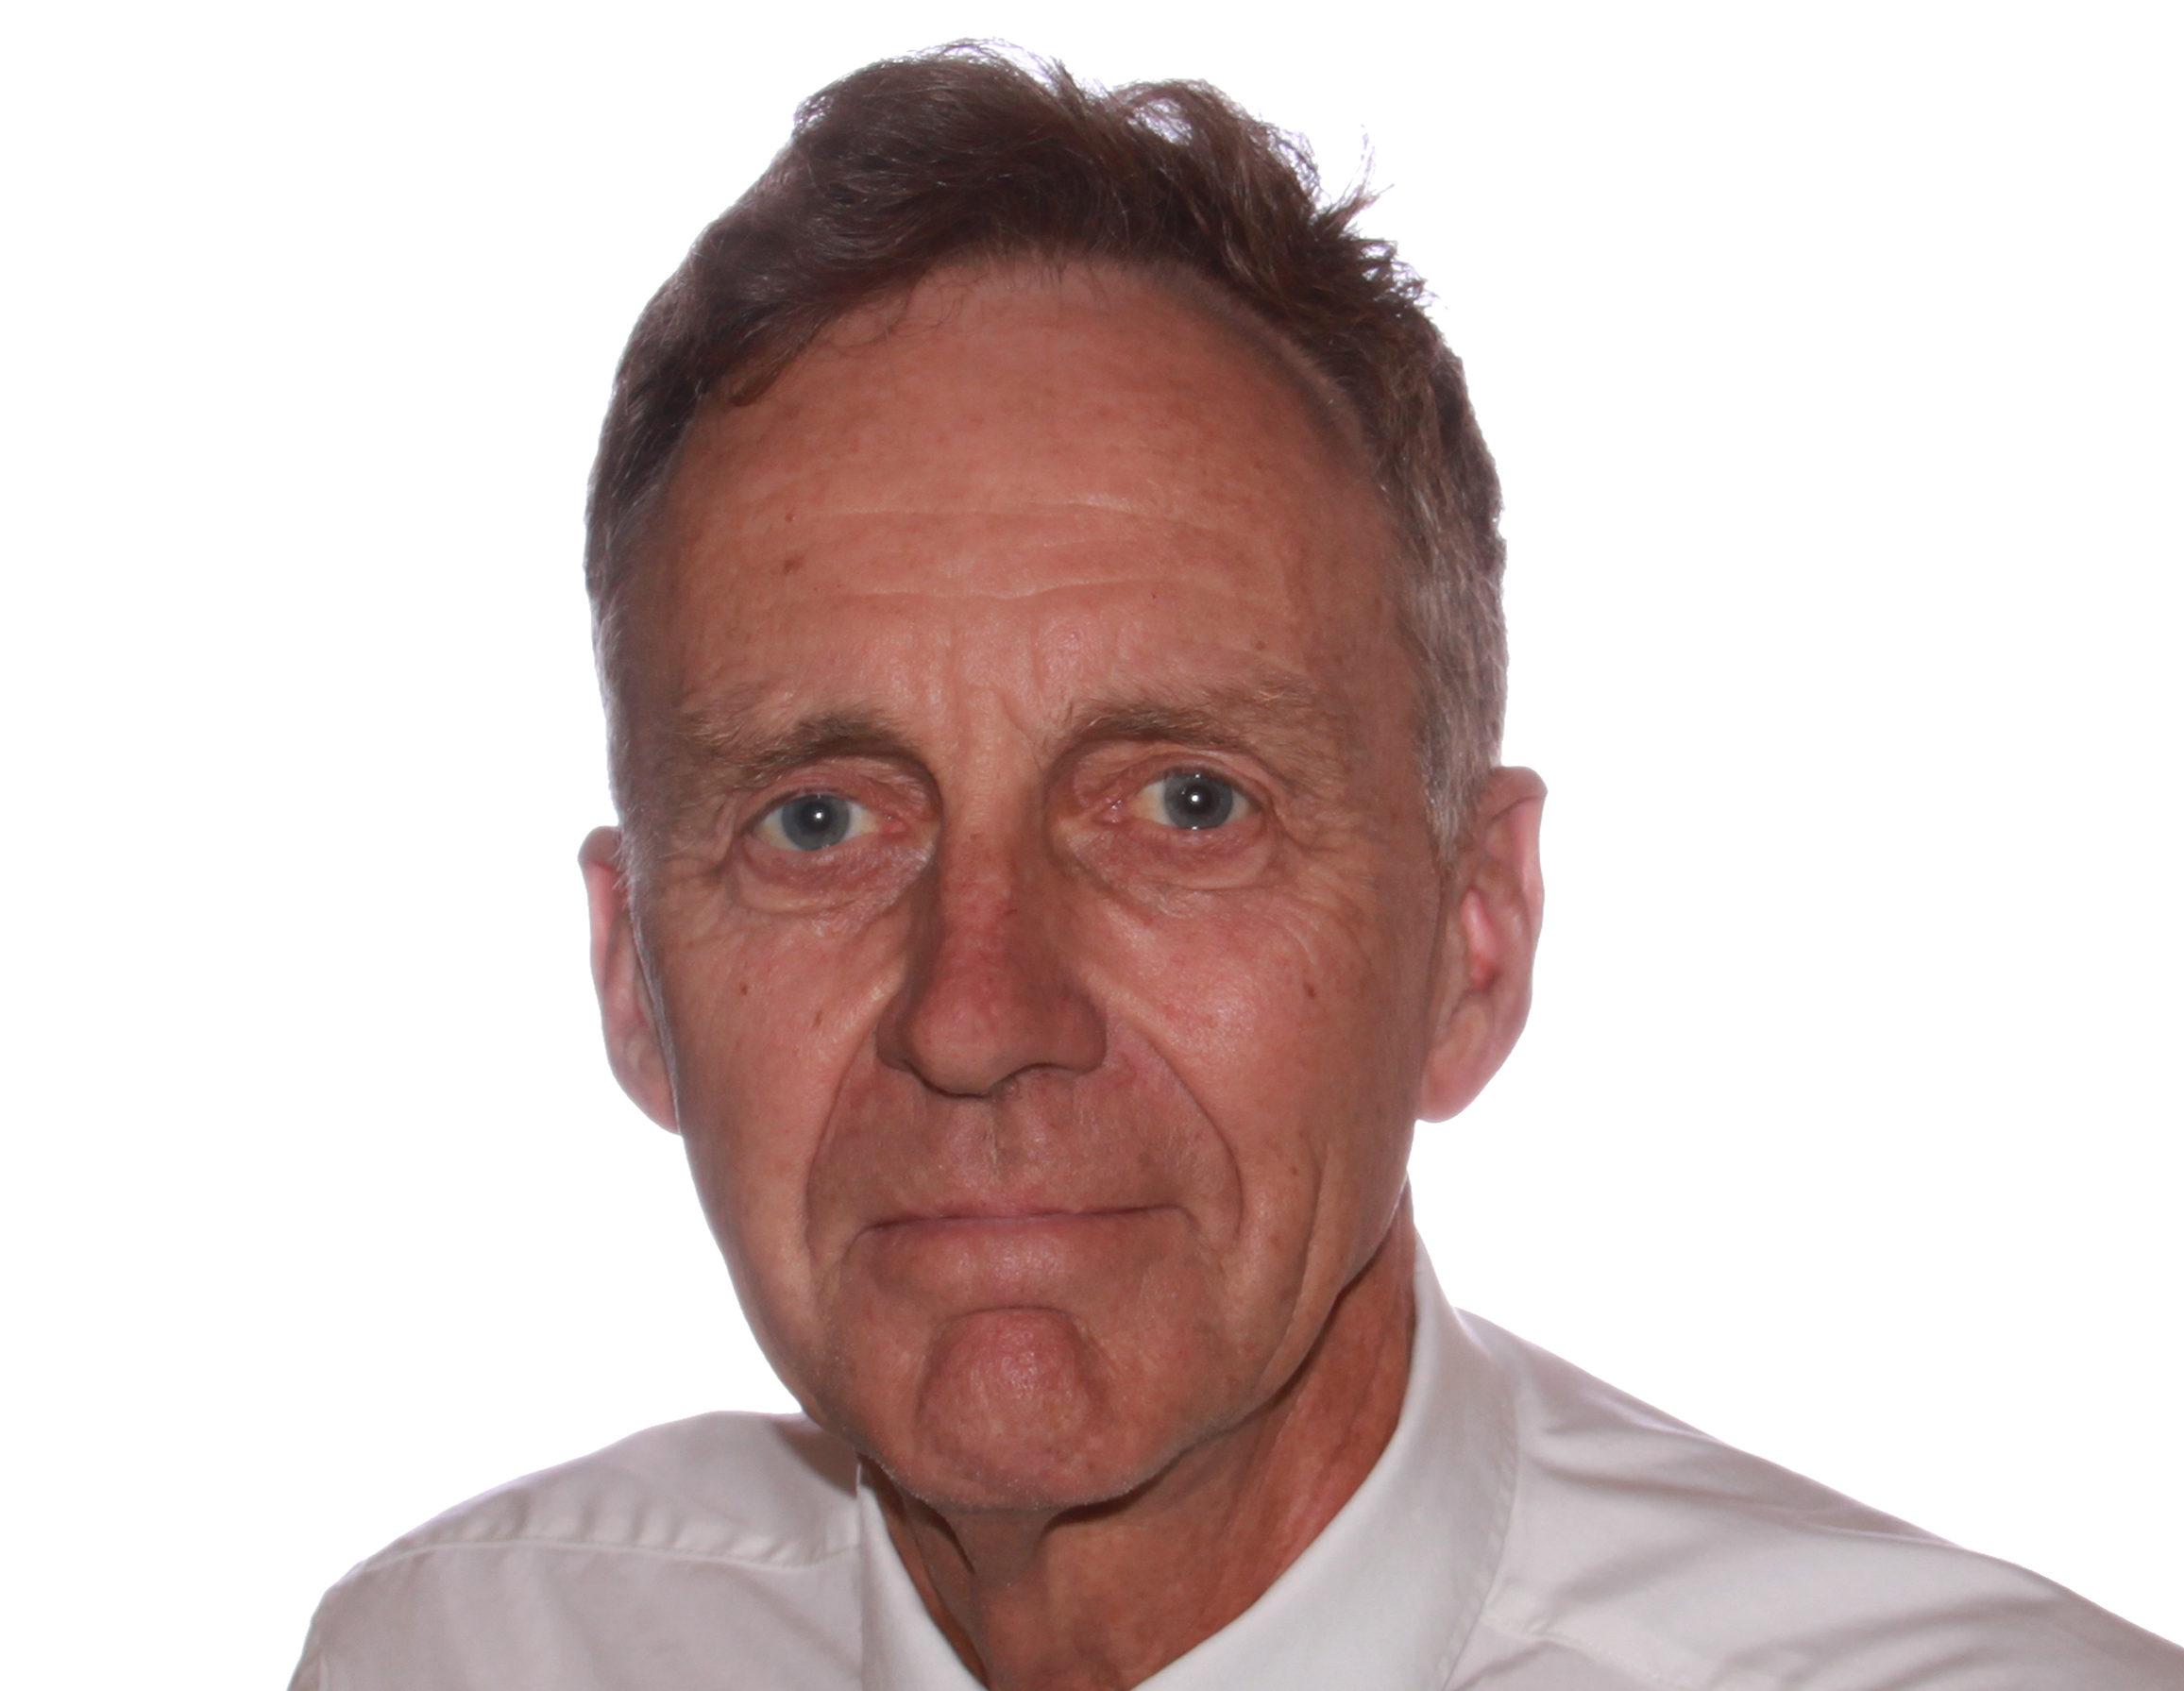 Dr Michael Gilbertson